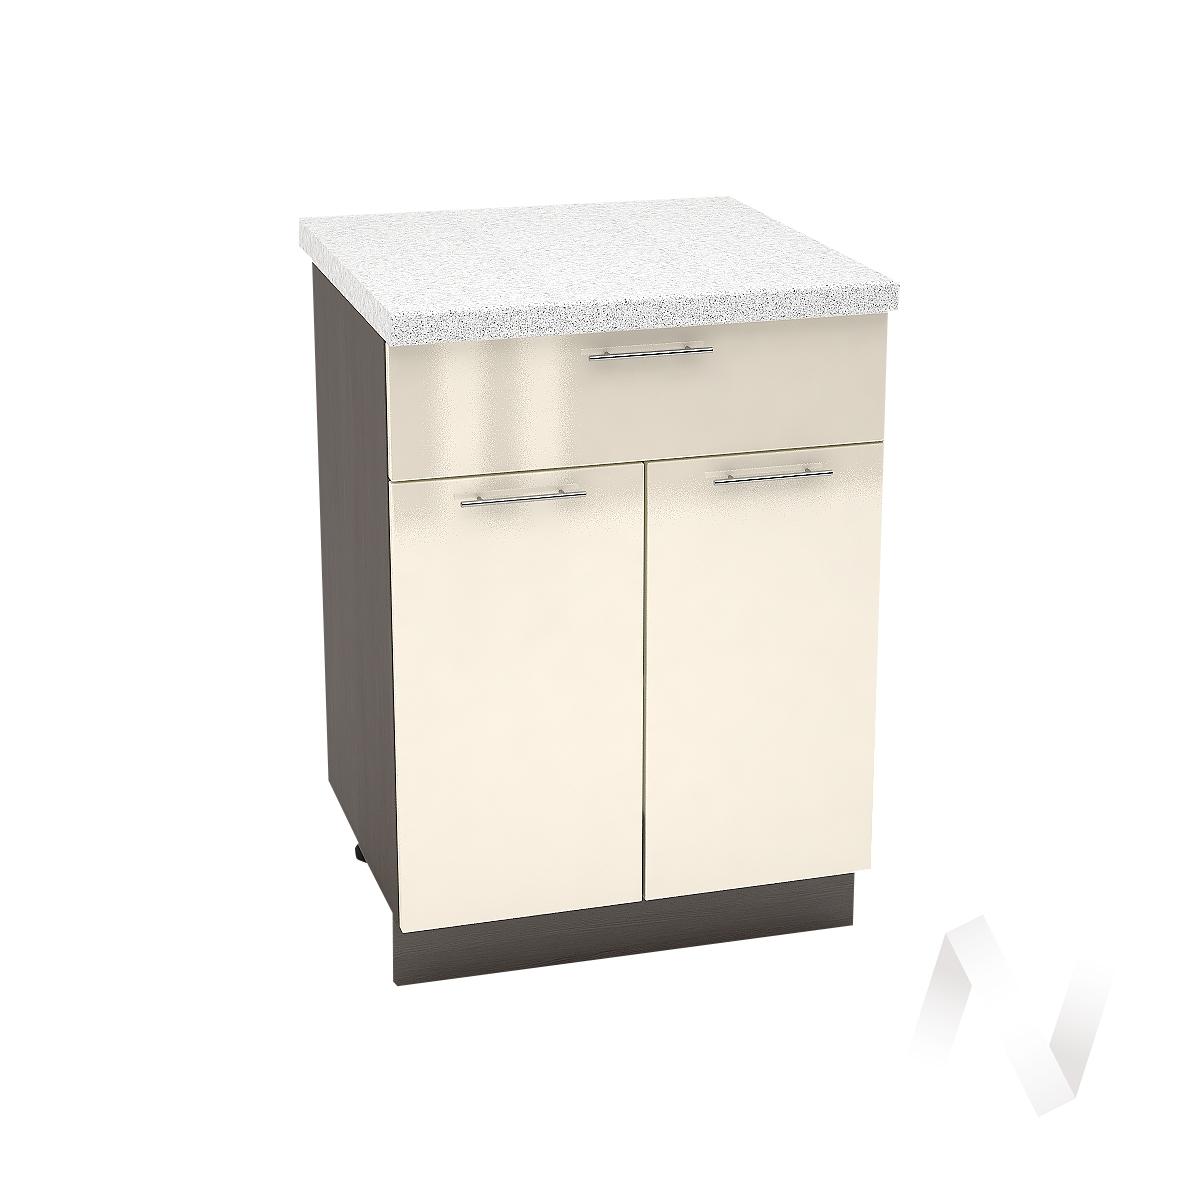 """Кухня """"Валерия-М"""": Шкаф нижний с ящиком 600, ШН1Я 600 М (Ваниль глянец/корпус венге)"""